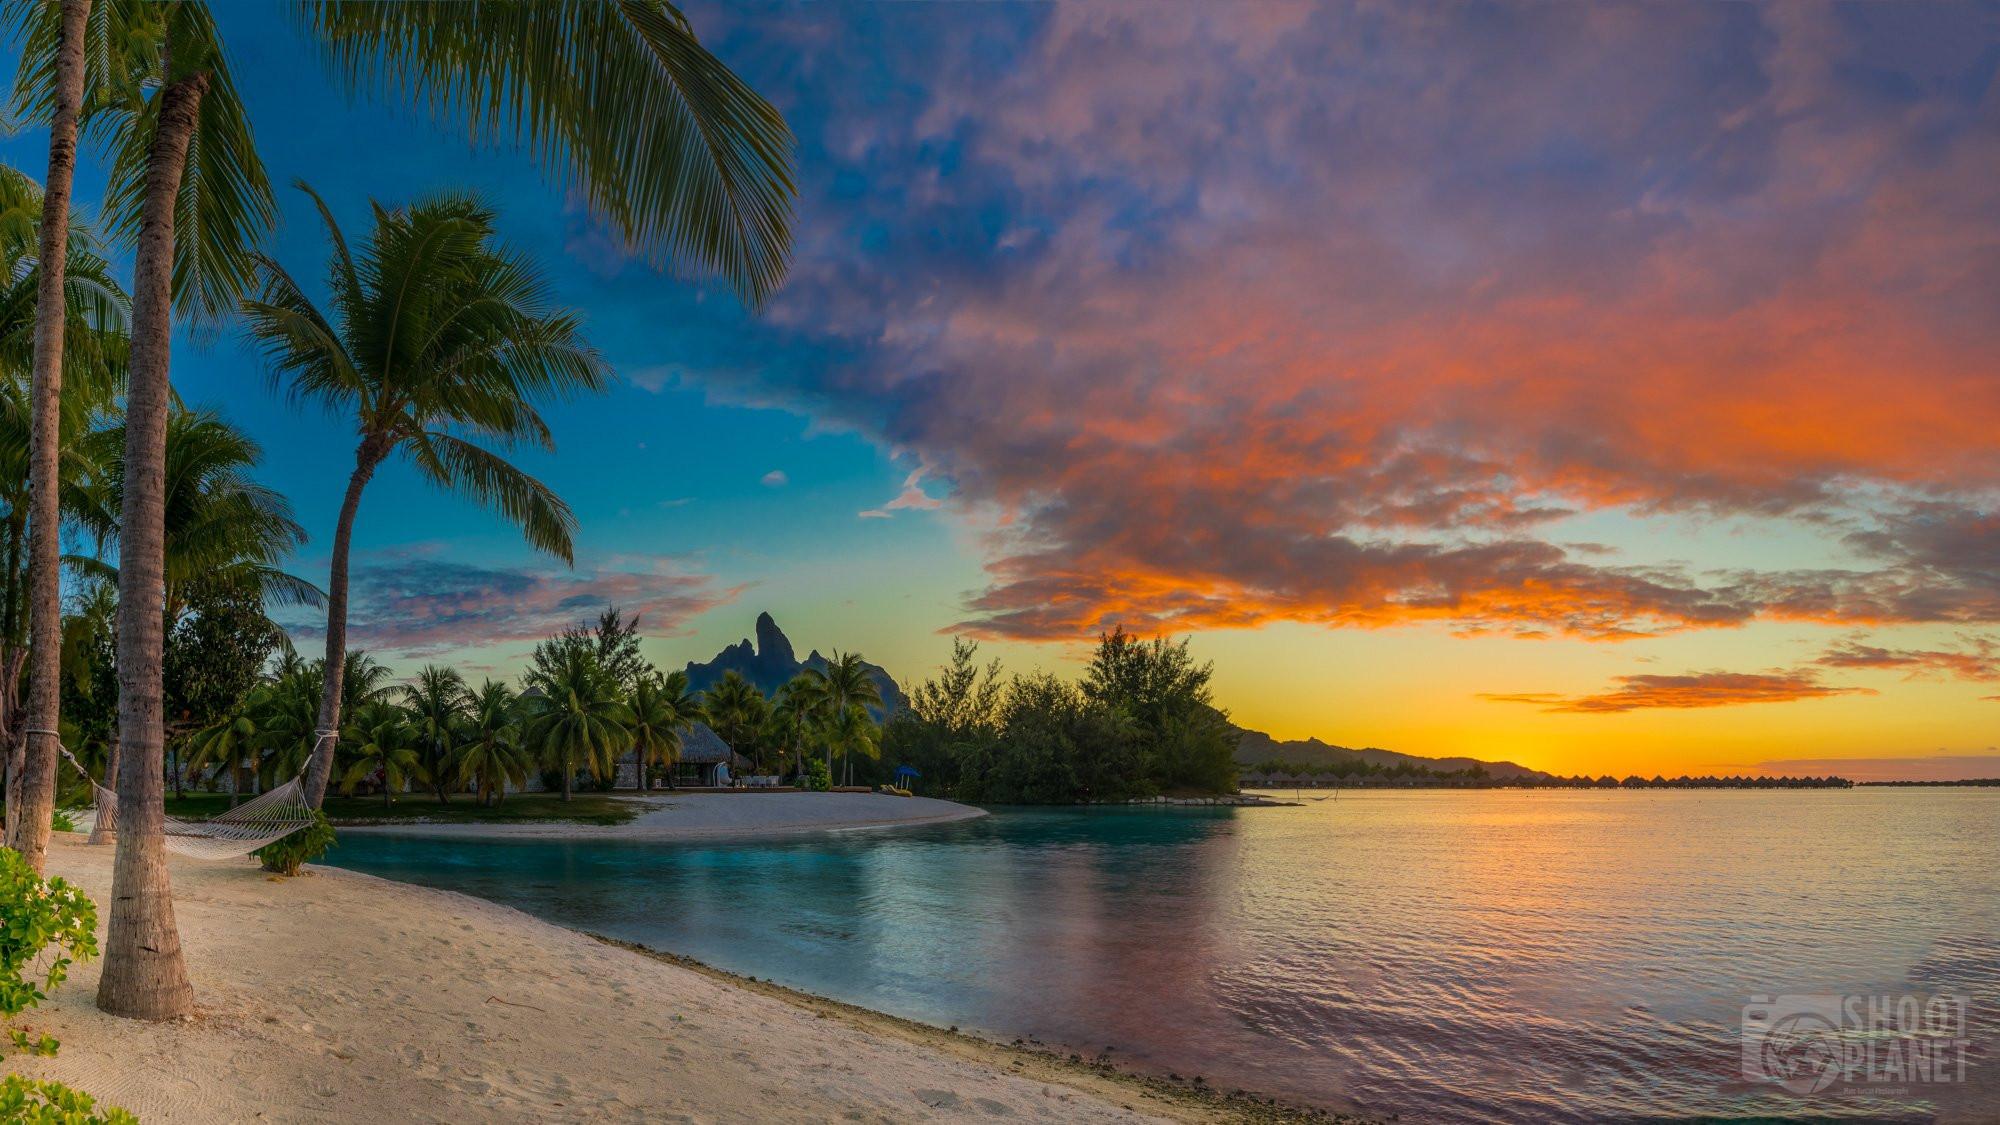 sunset in Bora Bora, Polynesia